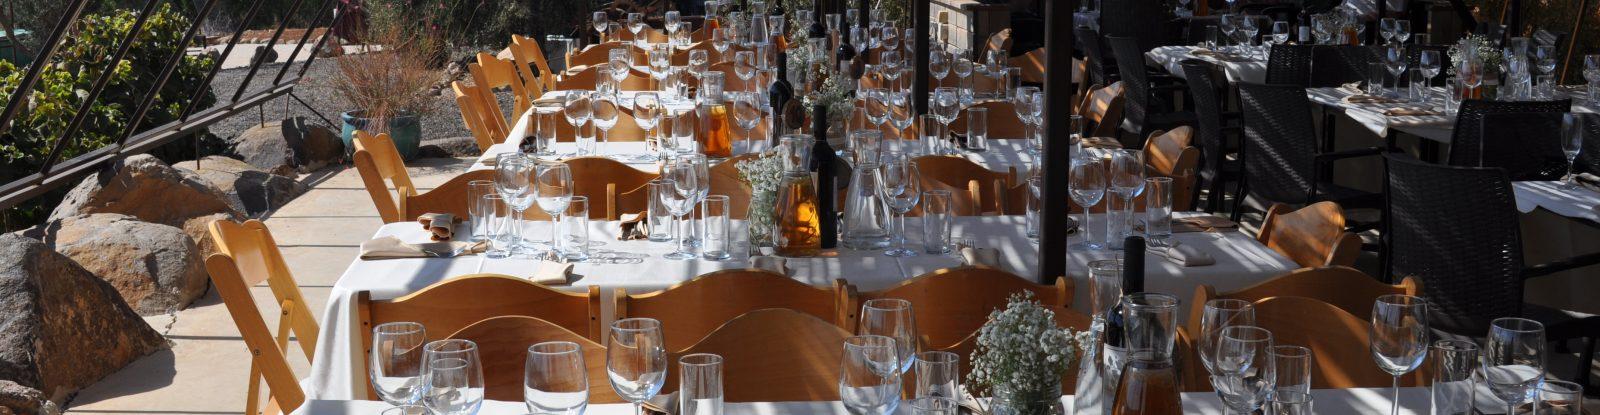 חתונה בעיר זיתים שבצפון